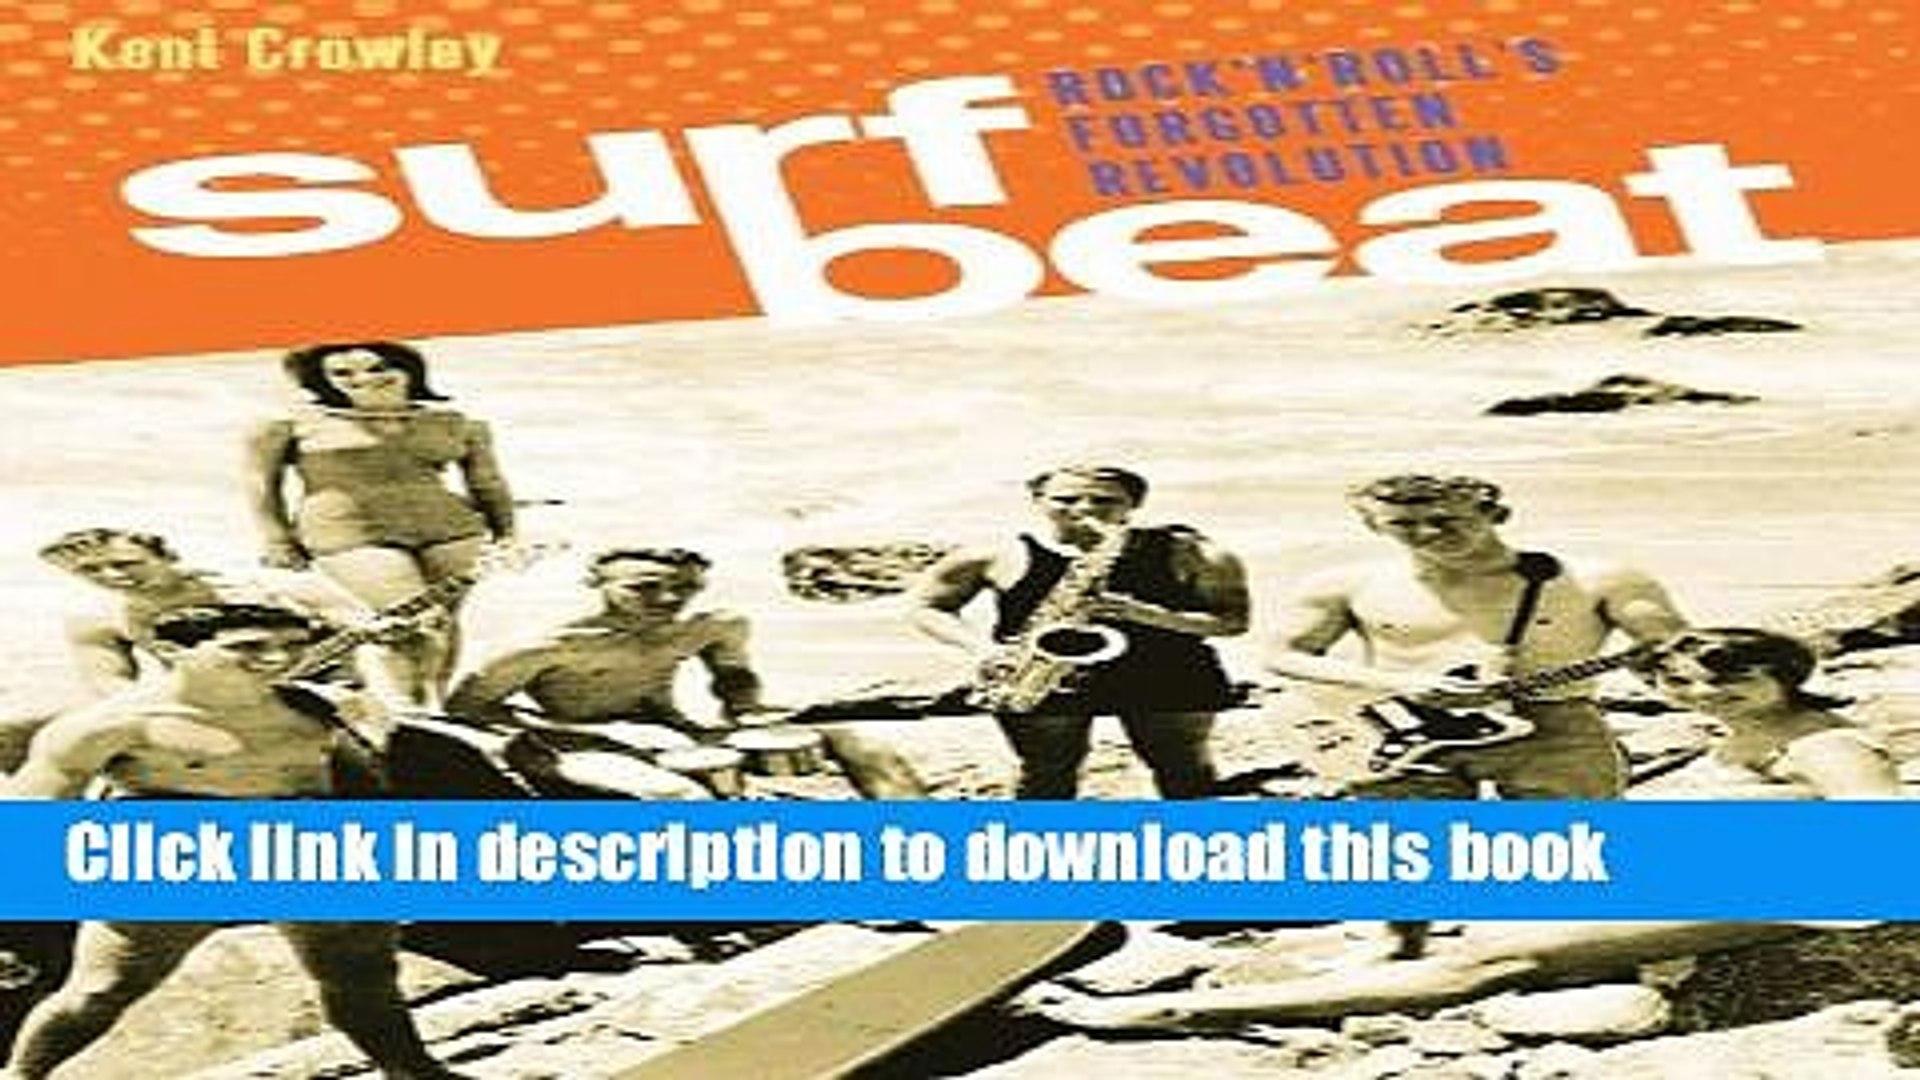 Download oesman 77 mp3 mp4 3gp flv   download lagu mp3 gratis.